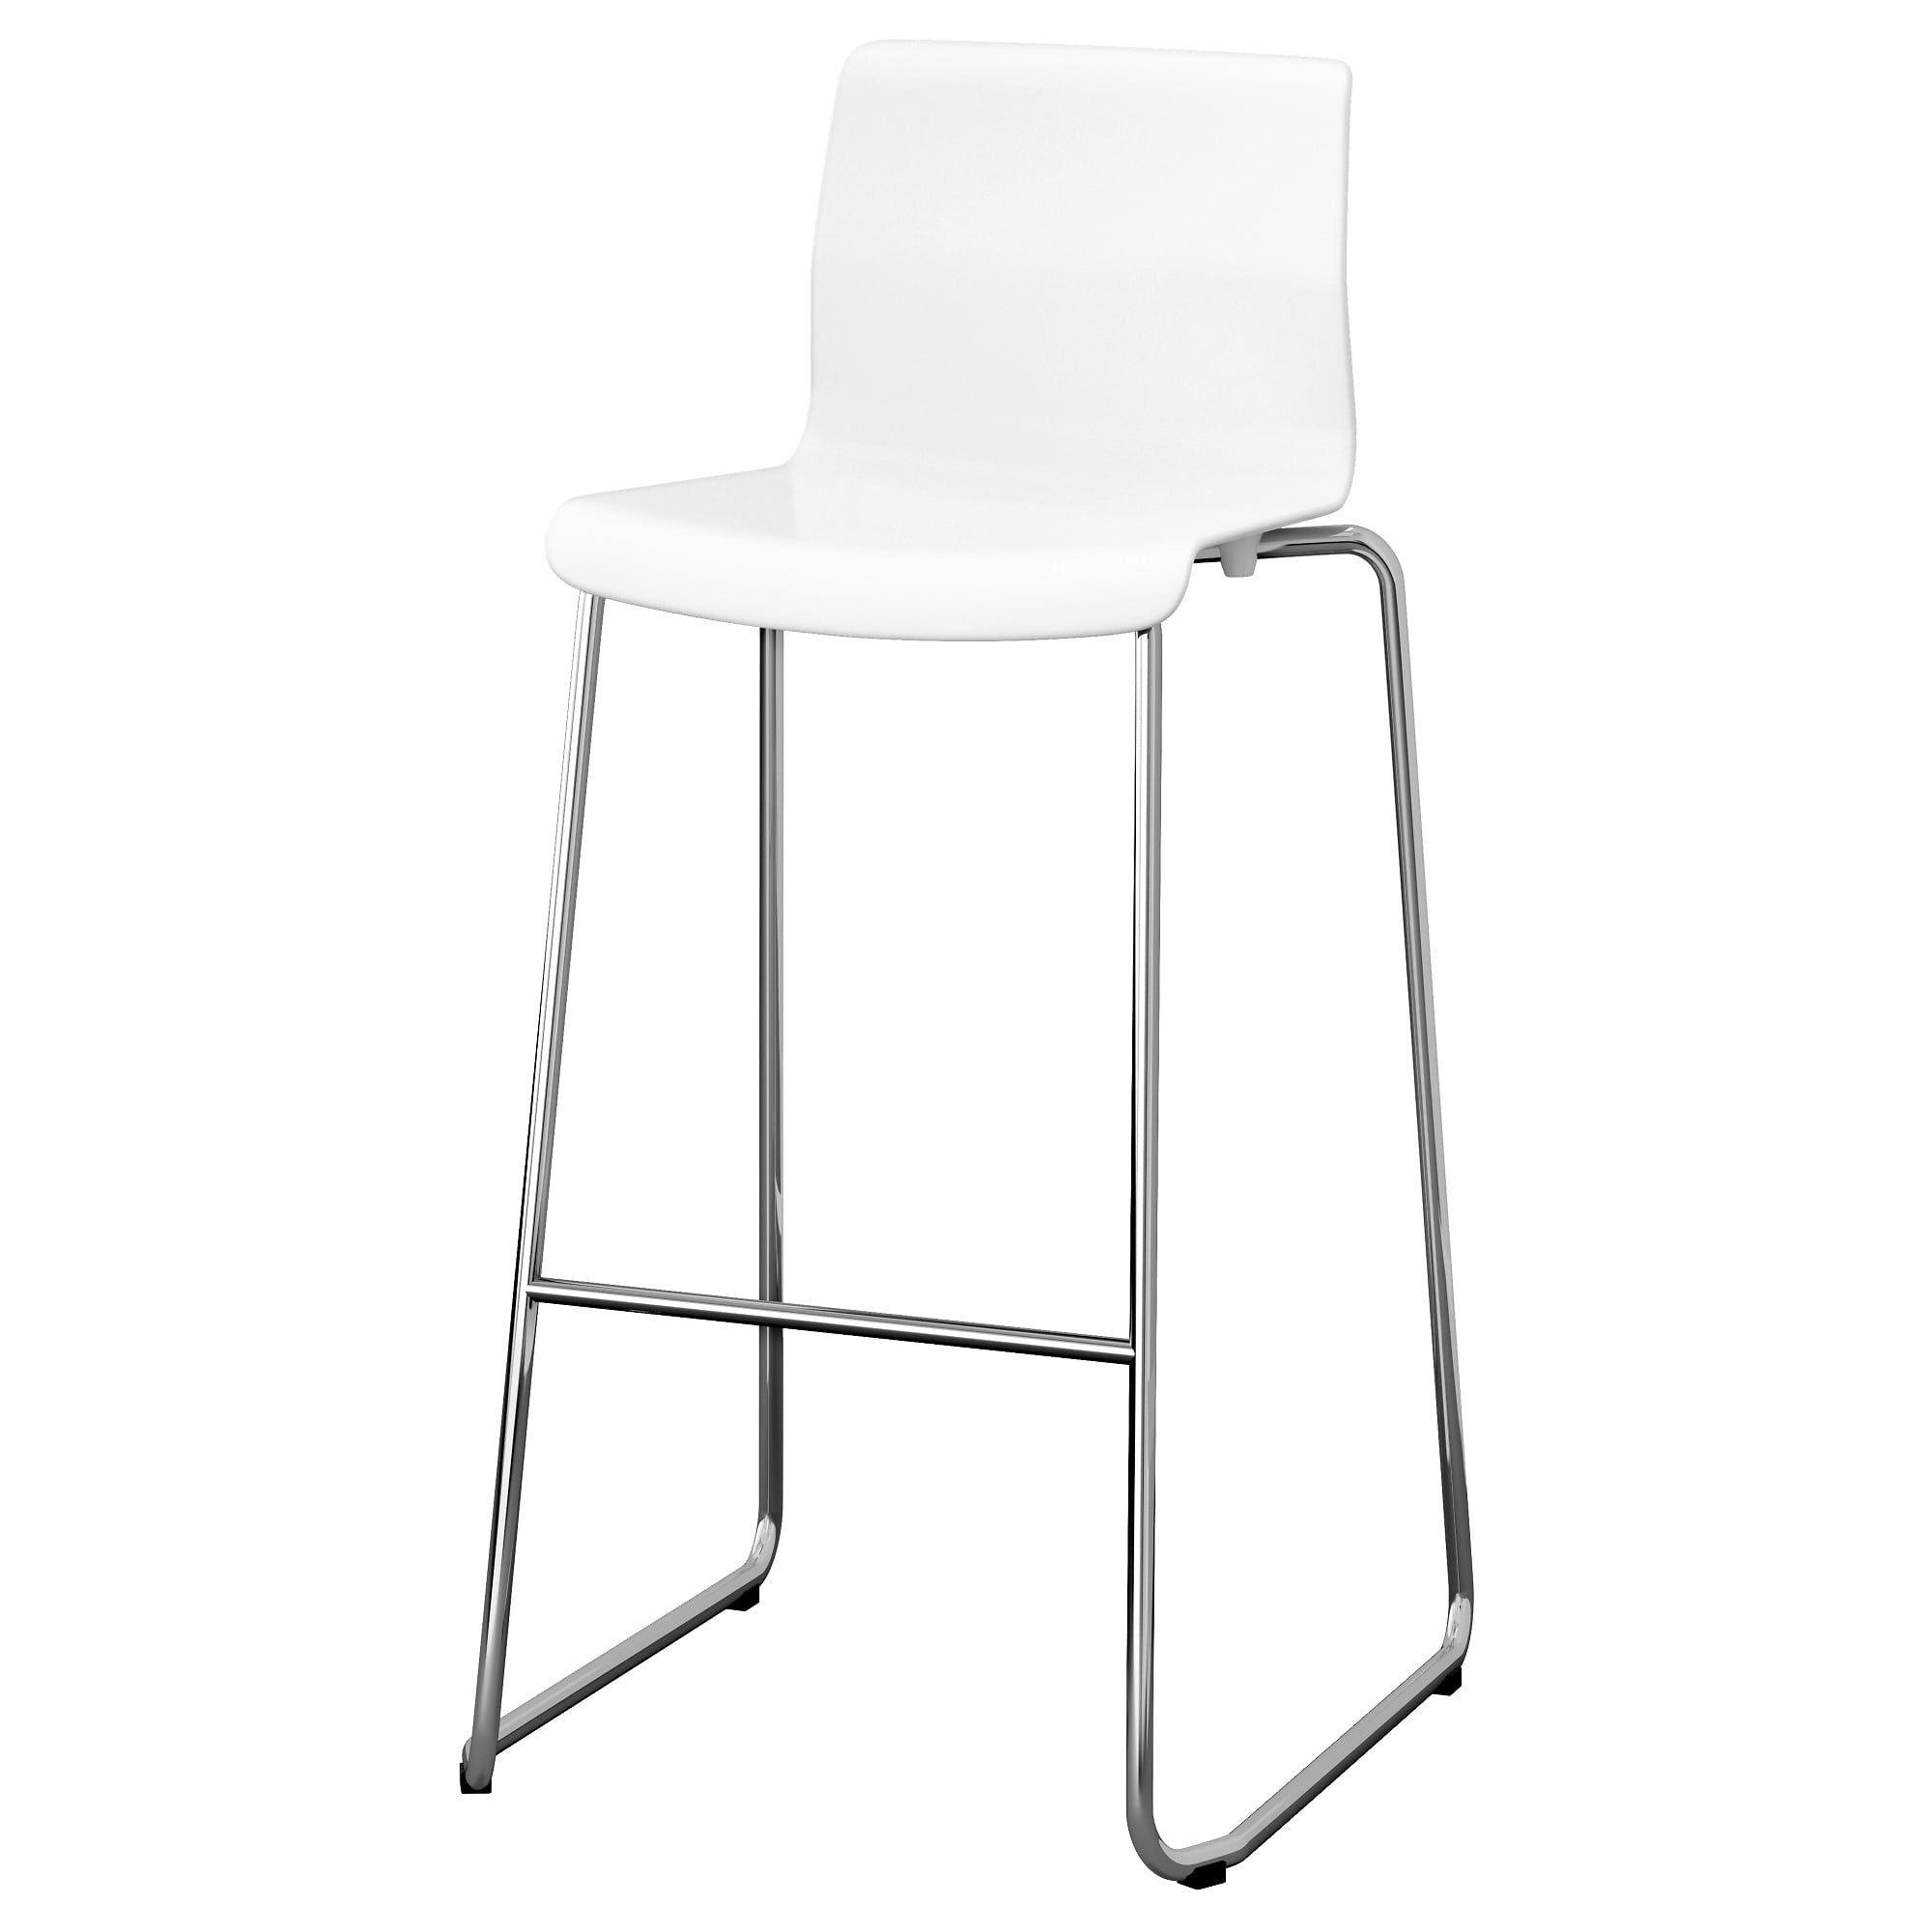 Tremendous Ikea Glenn White Chrome Plated Bar Stool Stool Bar Forskolin Free Trial Chair Design Images Forskolin Free Trialorg